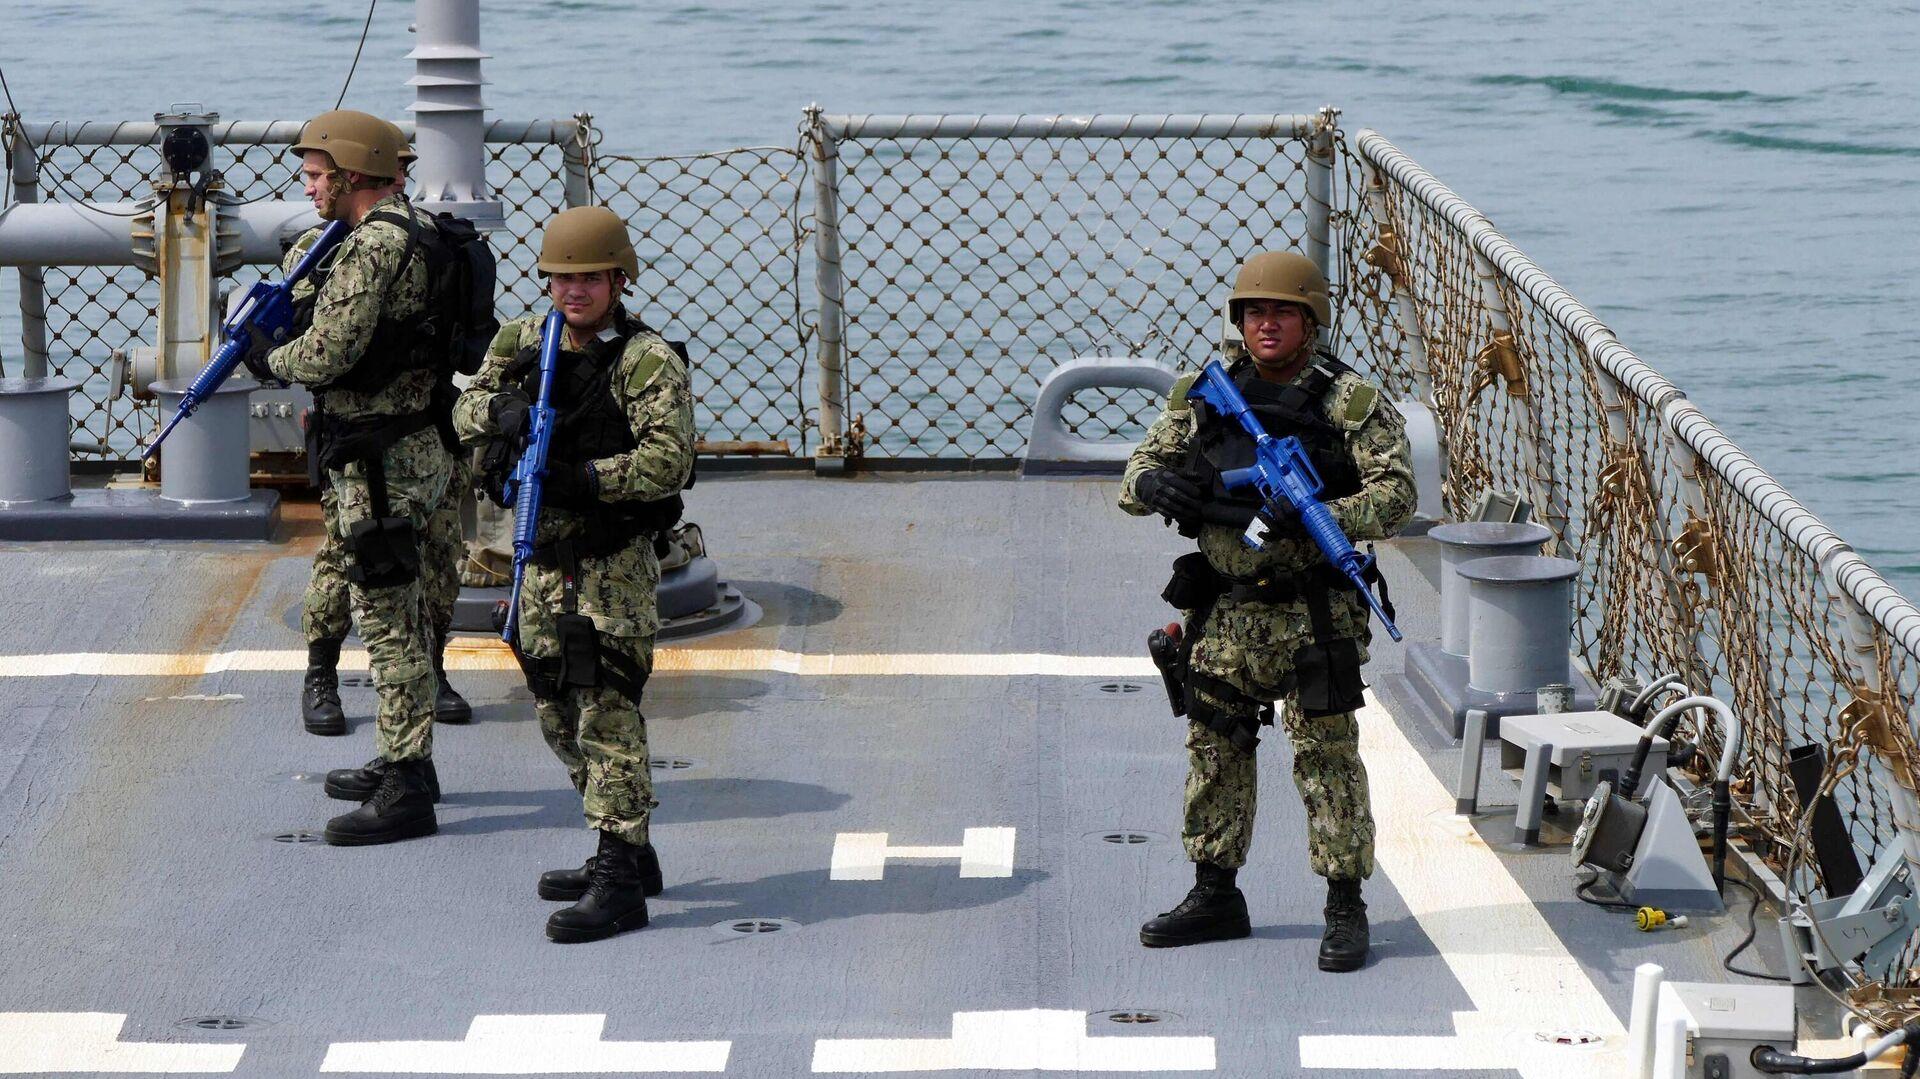 Участники первого этапа морской фазы военных учений Sea Breeze-2021 - РИА Новости, 1920, 07.09.2021